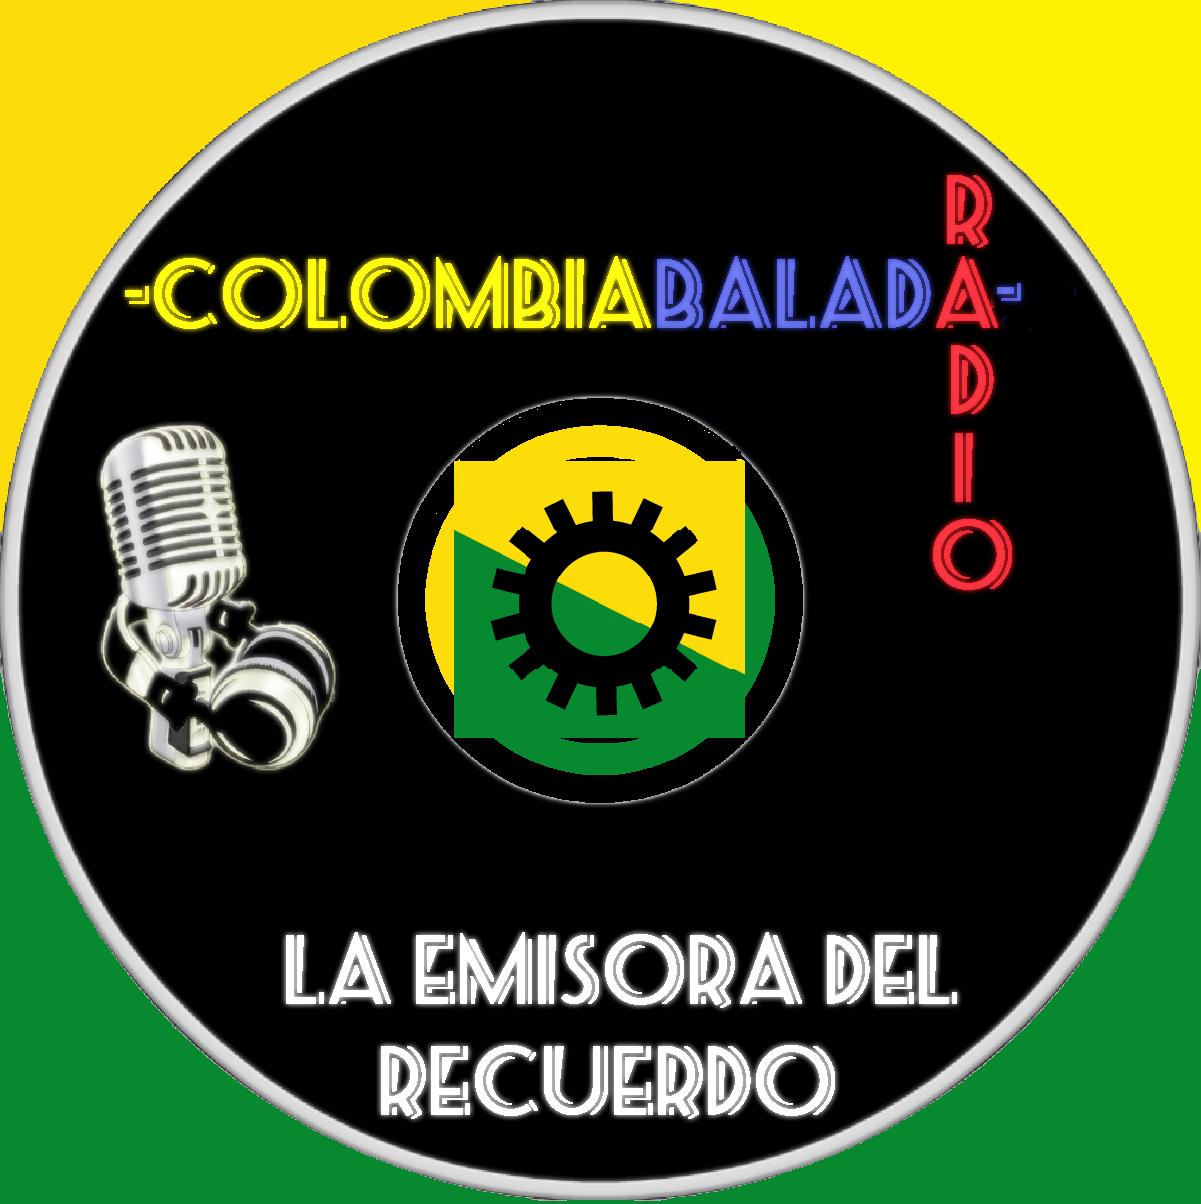 Colombiabalada